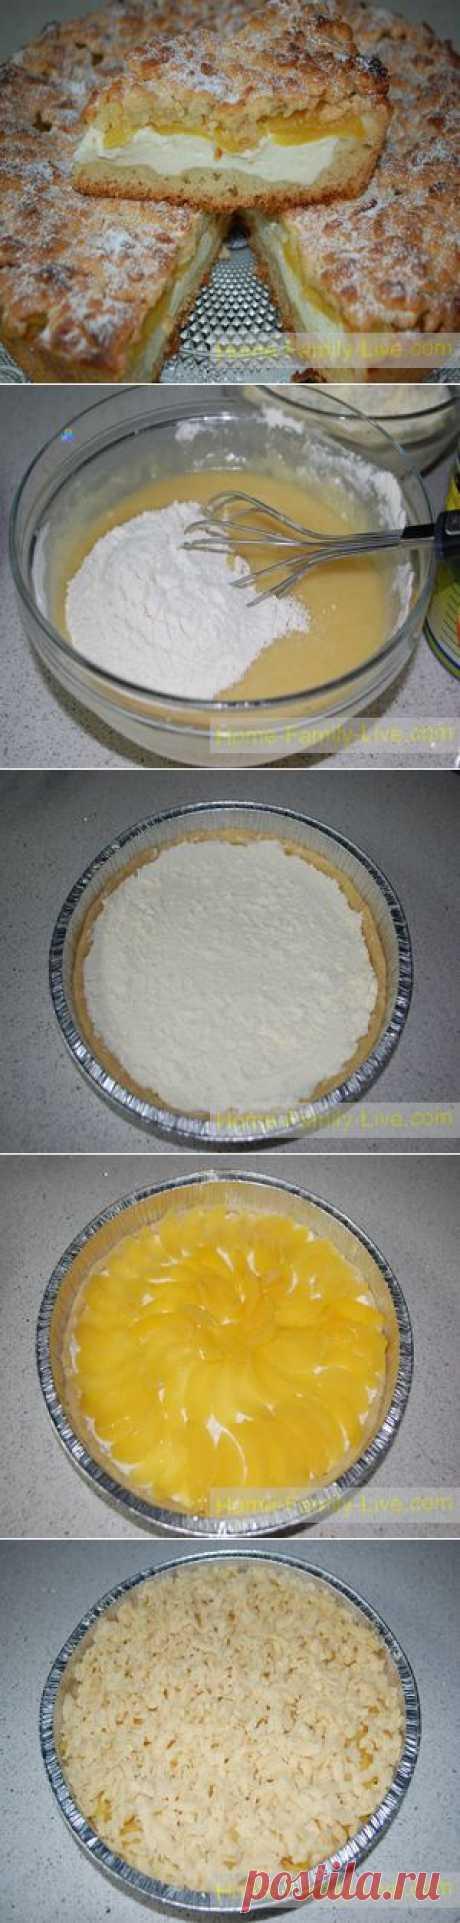 Пирог из песочного теста с творогом и абрикосами - Кулинарные рецепты